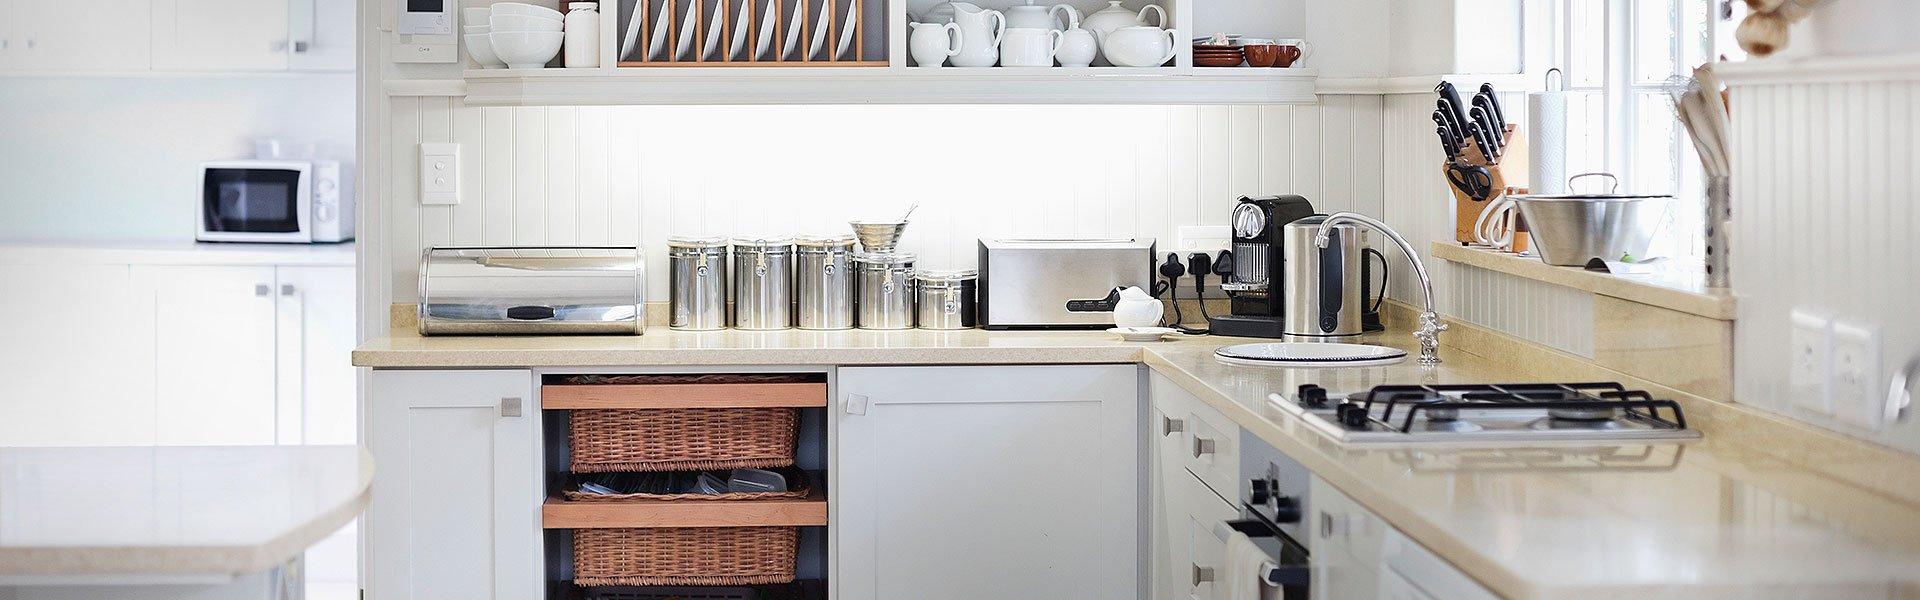 top class kitchen installations in norfolk